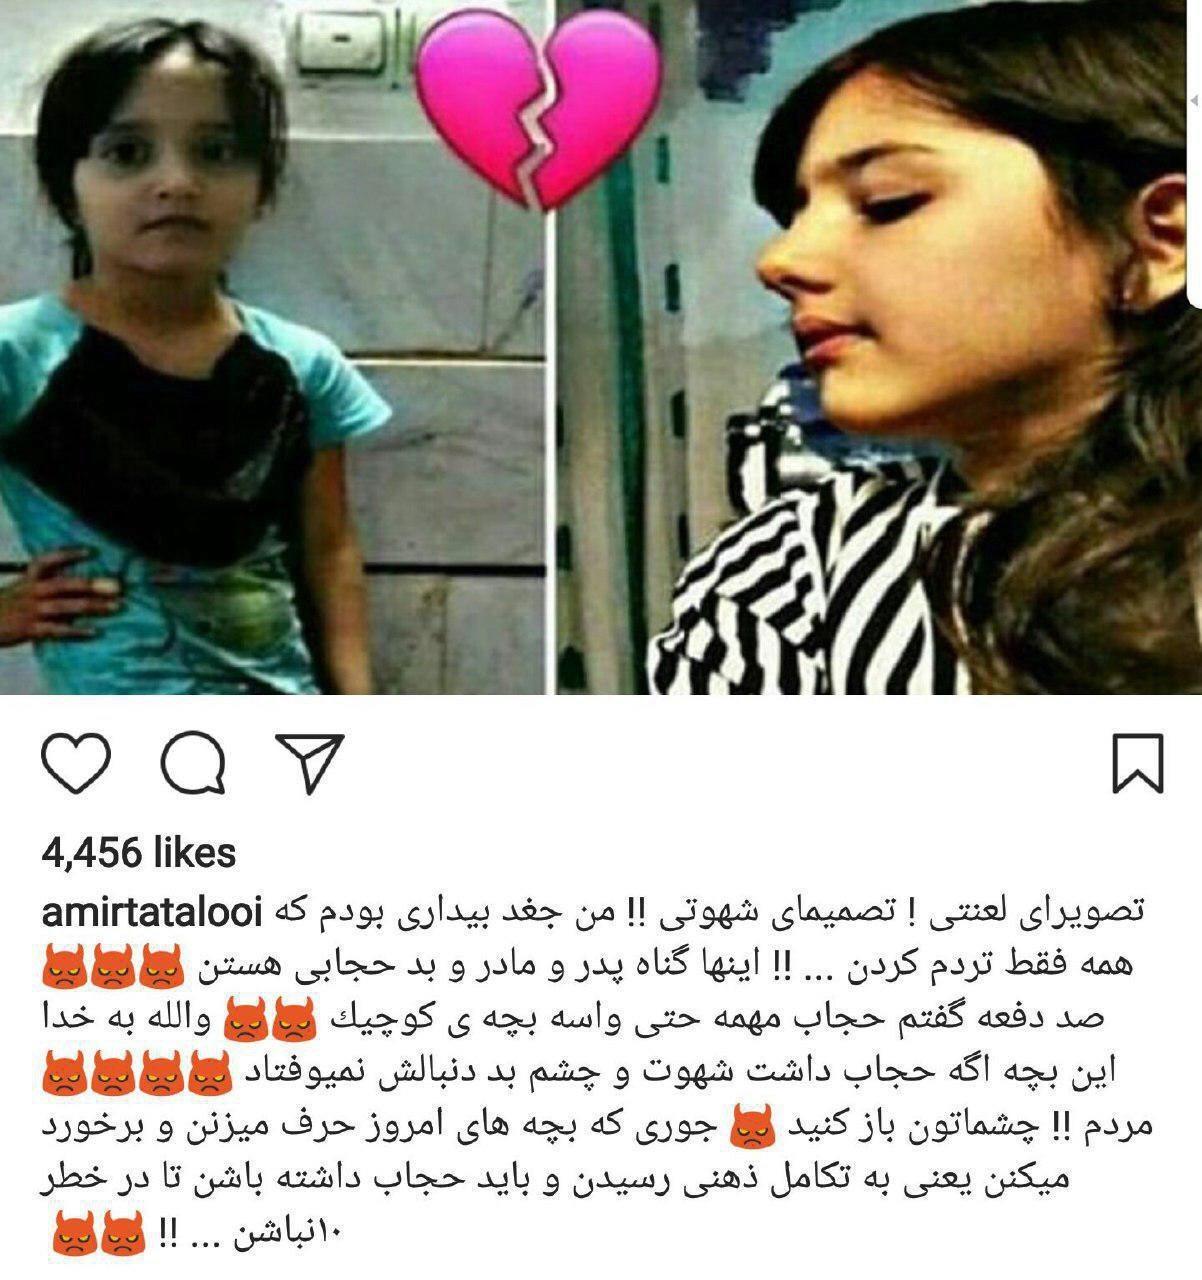 واکنش تلو به قتل آتنا اصلانی/ اگر حجاب داشت این طور نمیشد +عکس